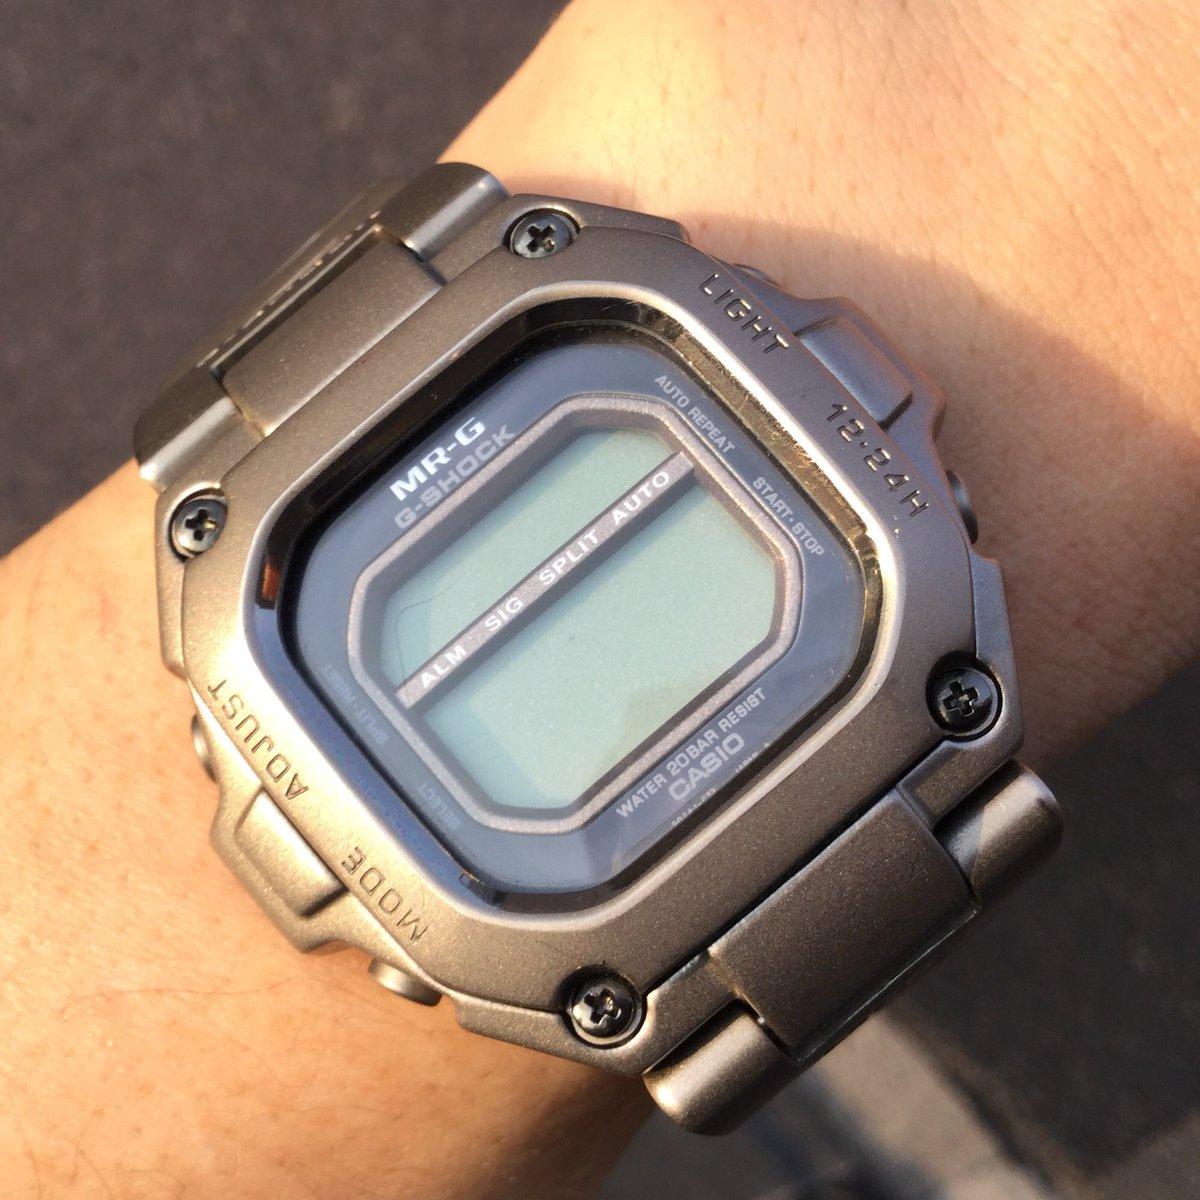 そうそう、今日のメインは時計の電池交換にカシオサービスセンターに行くことなの。これは就職して初めてもらったボーナスで買ったMR-G。売価10万。電波でもソーラーでもないデジタル時計だけど自分の時計の中では5位くらいには入る大事なもの。一番慎重に持ち歩く方法を熟慮して腕にハメてくことに。